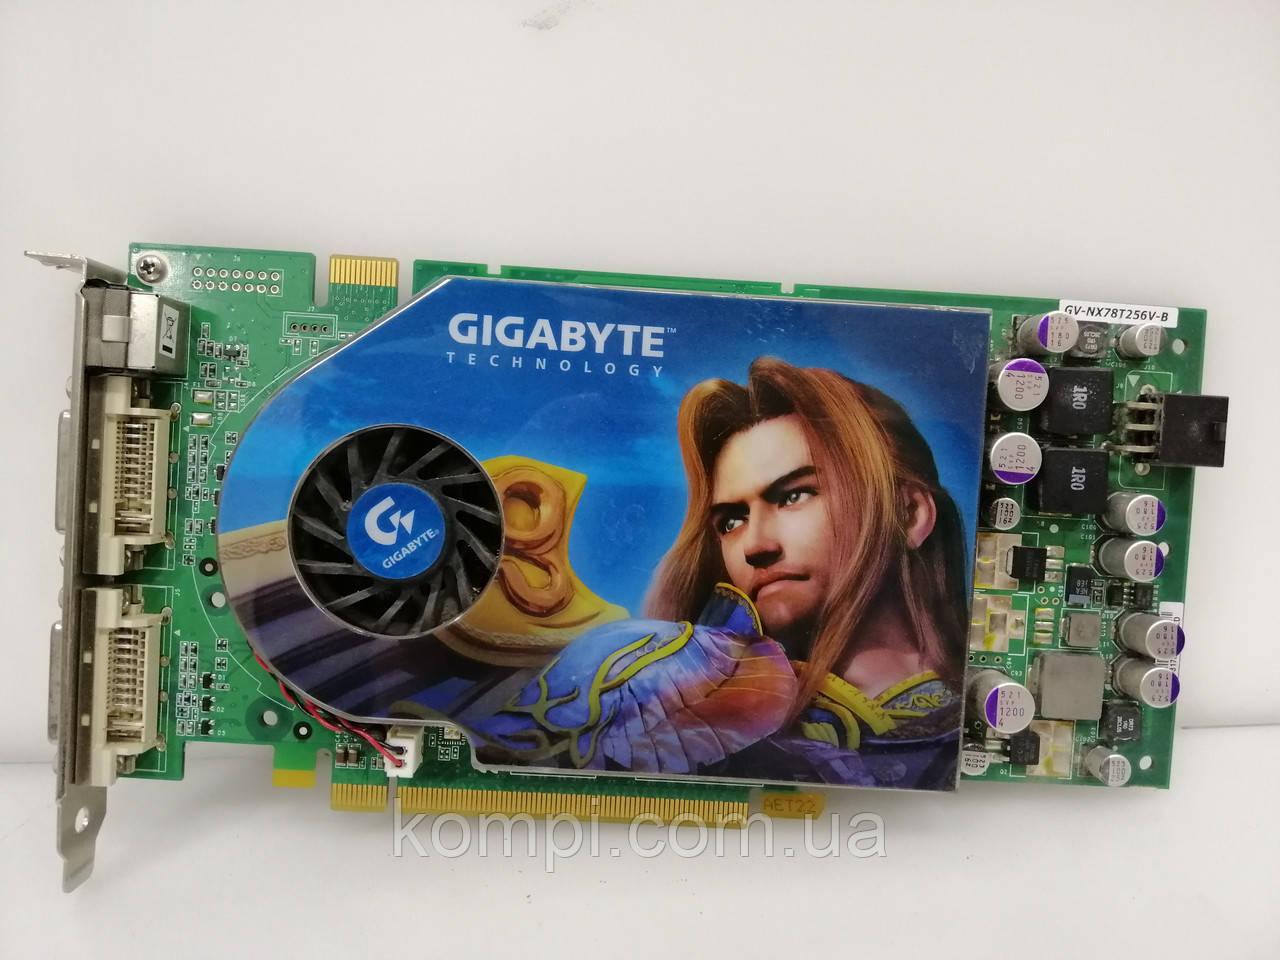 Видеокарта NVIDIA 7800GT 256MB PCI-E